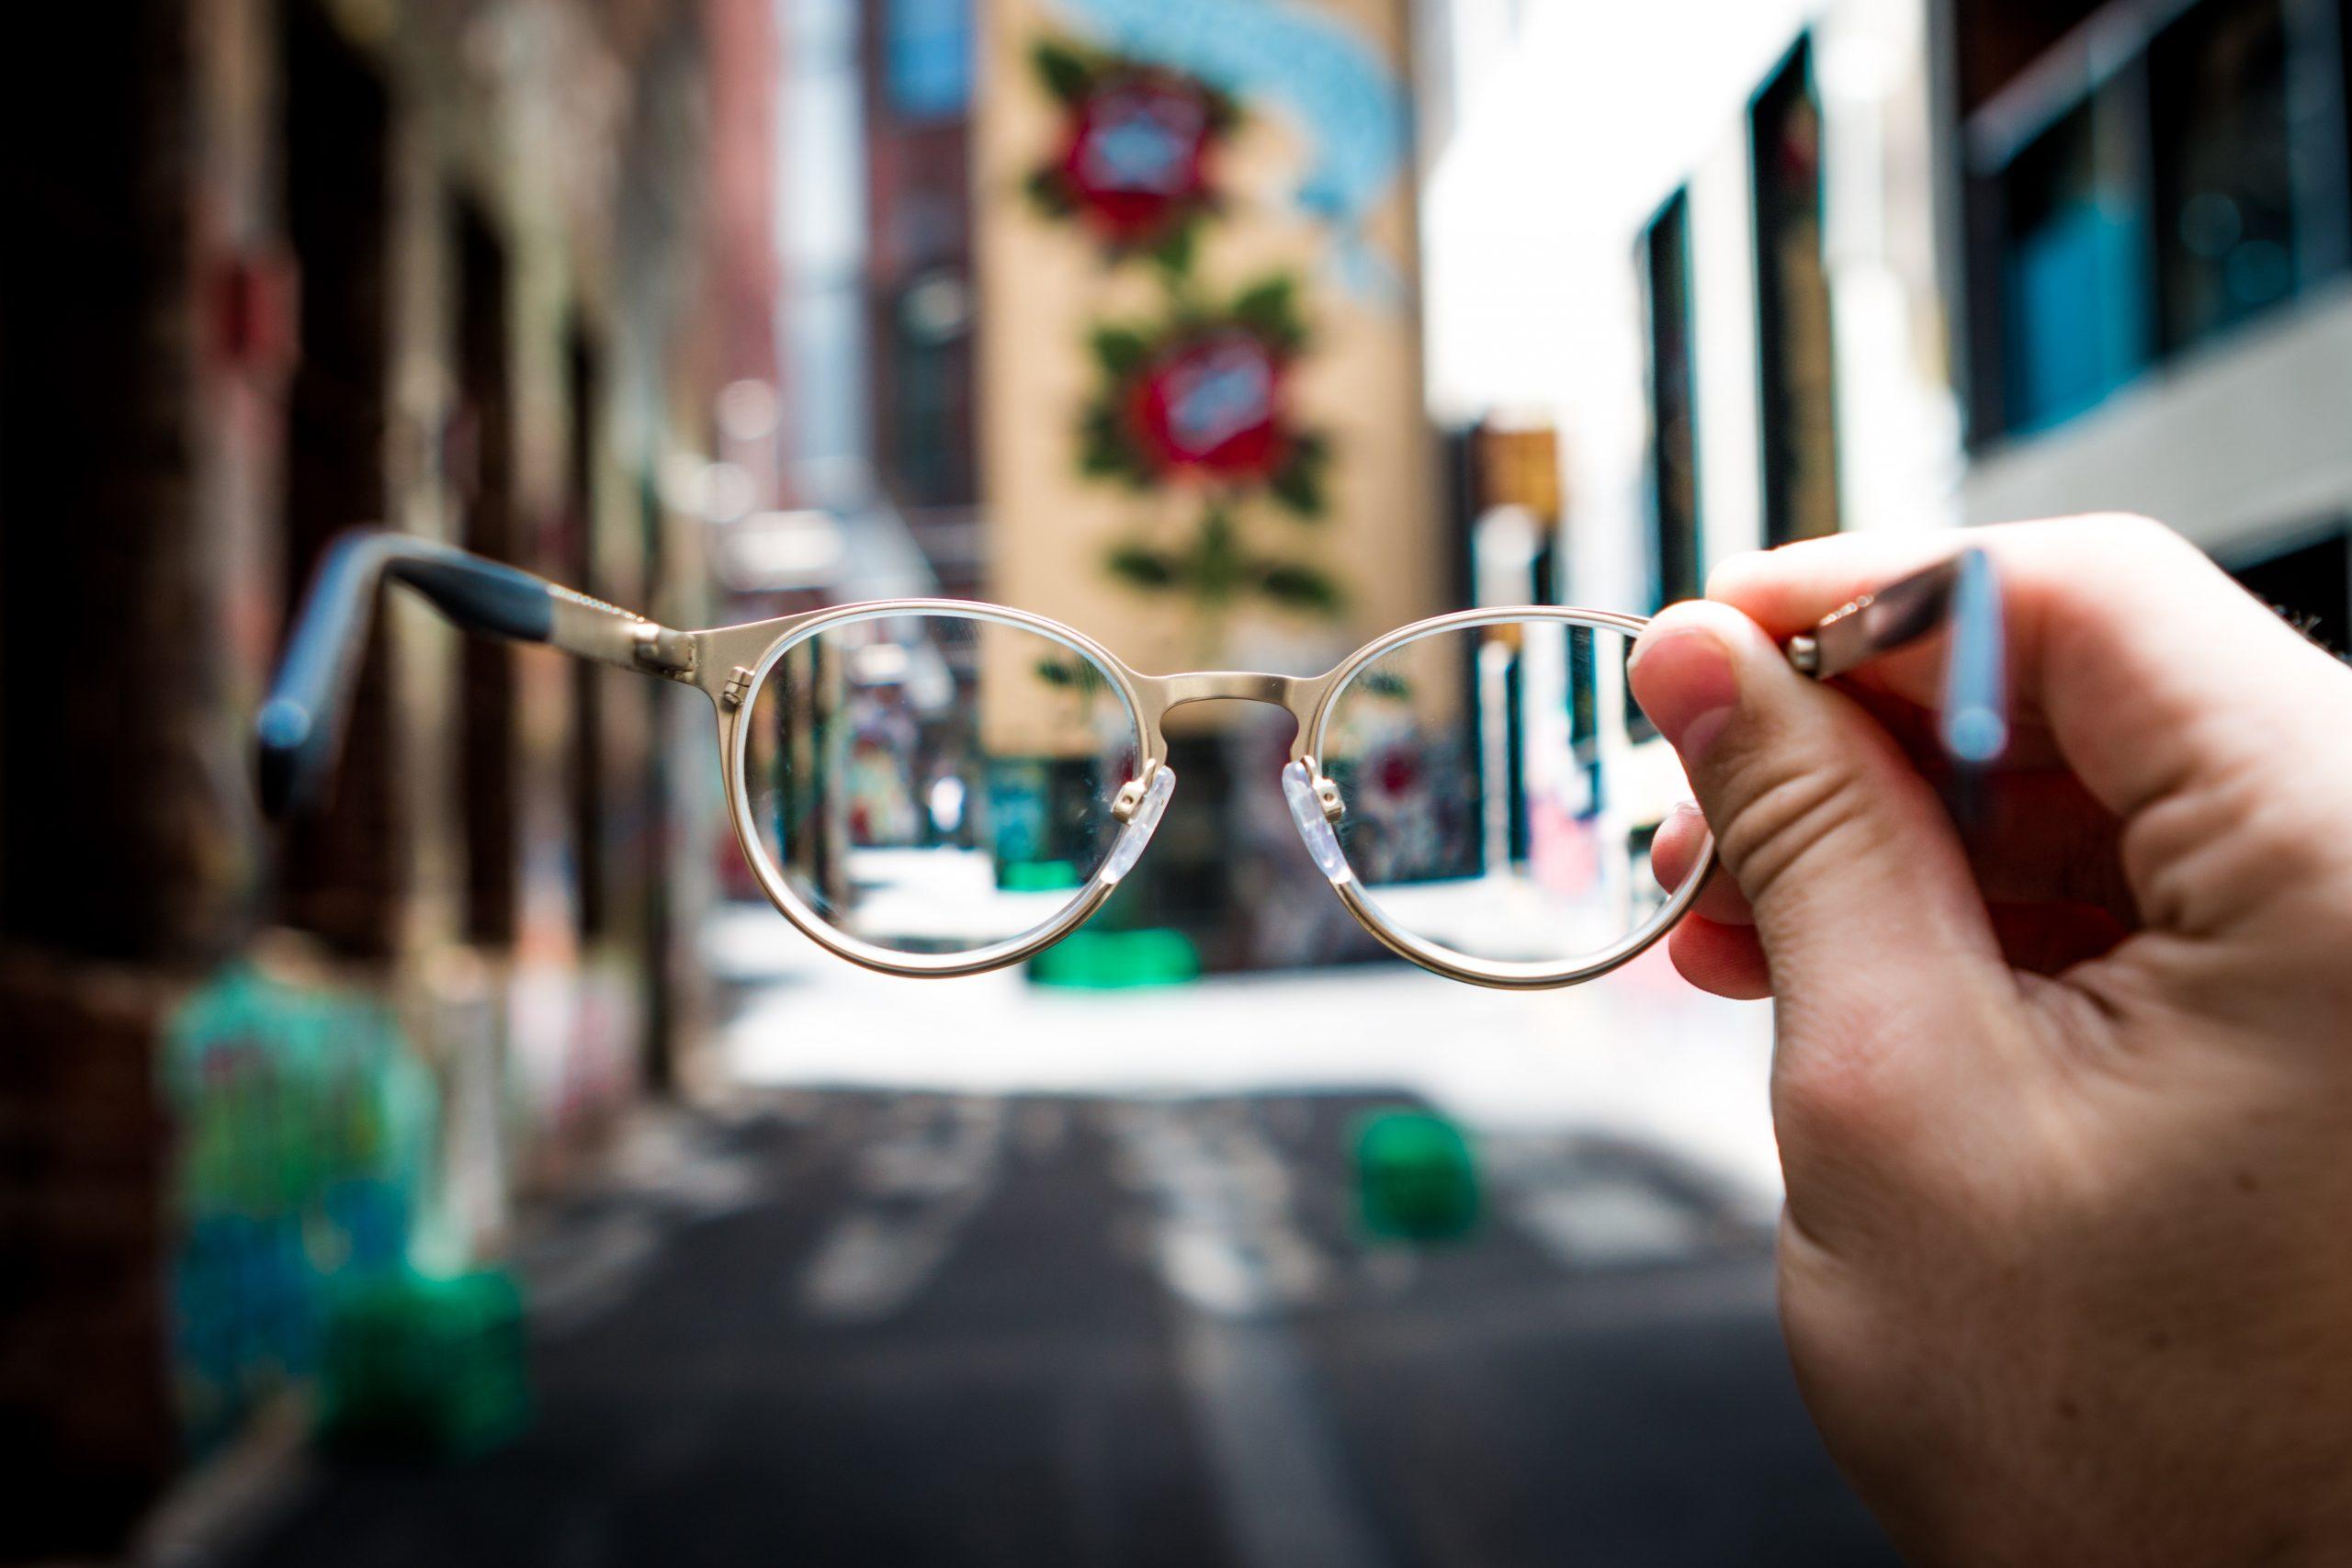 kijk door een bril en zie verscherpt beeld van de stad